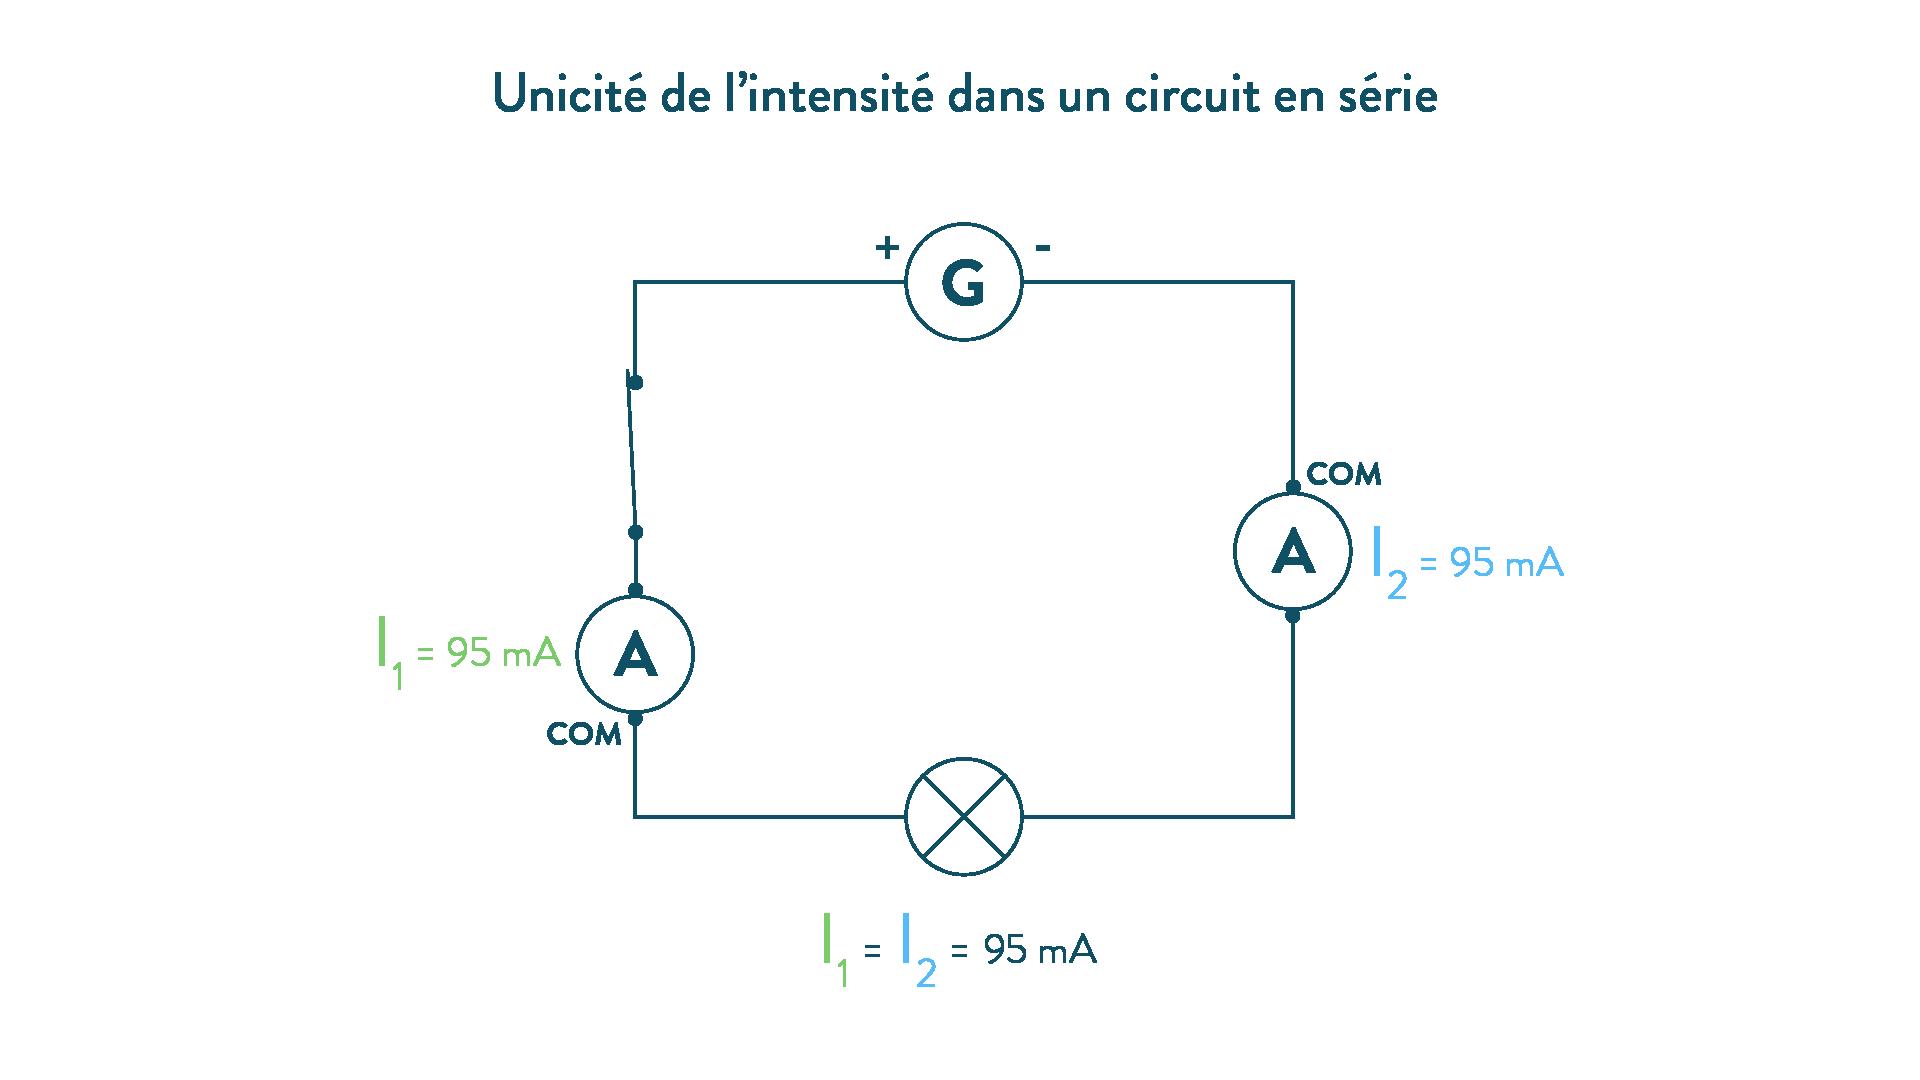 Unicité de l'intensité dans un circuit en série